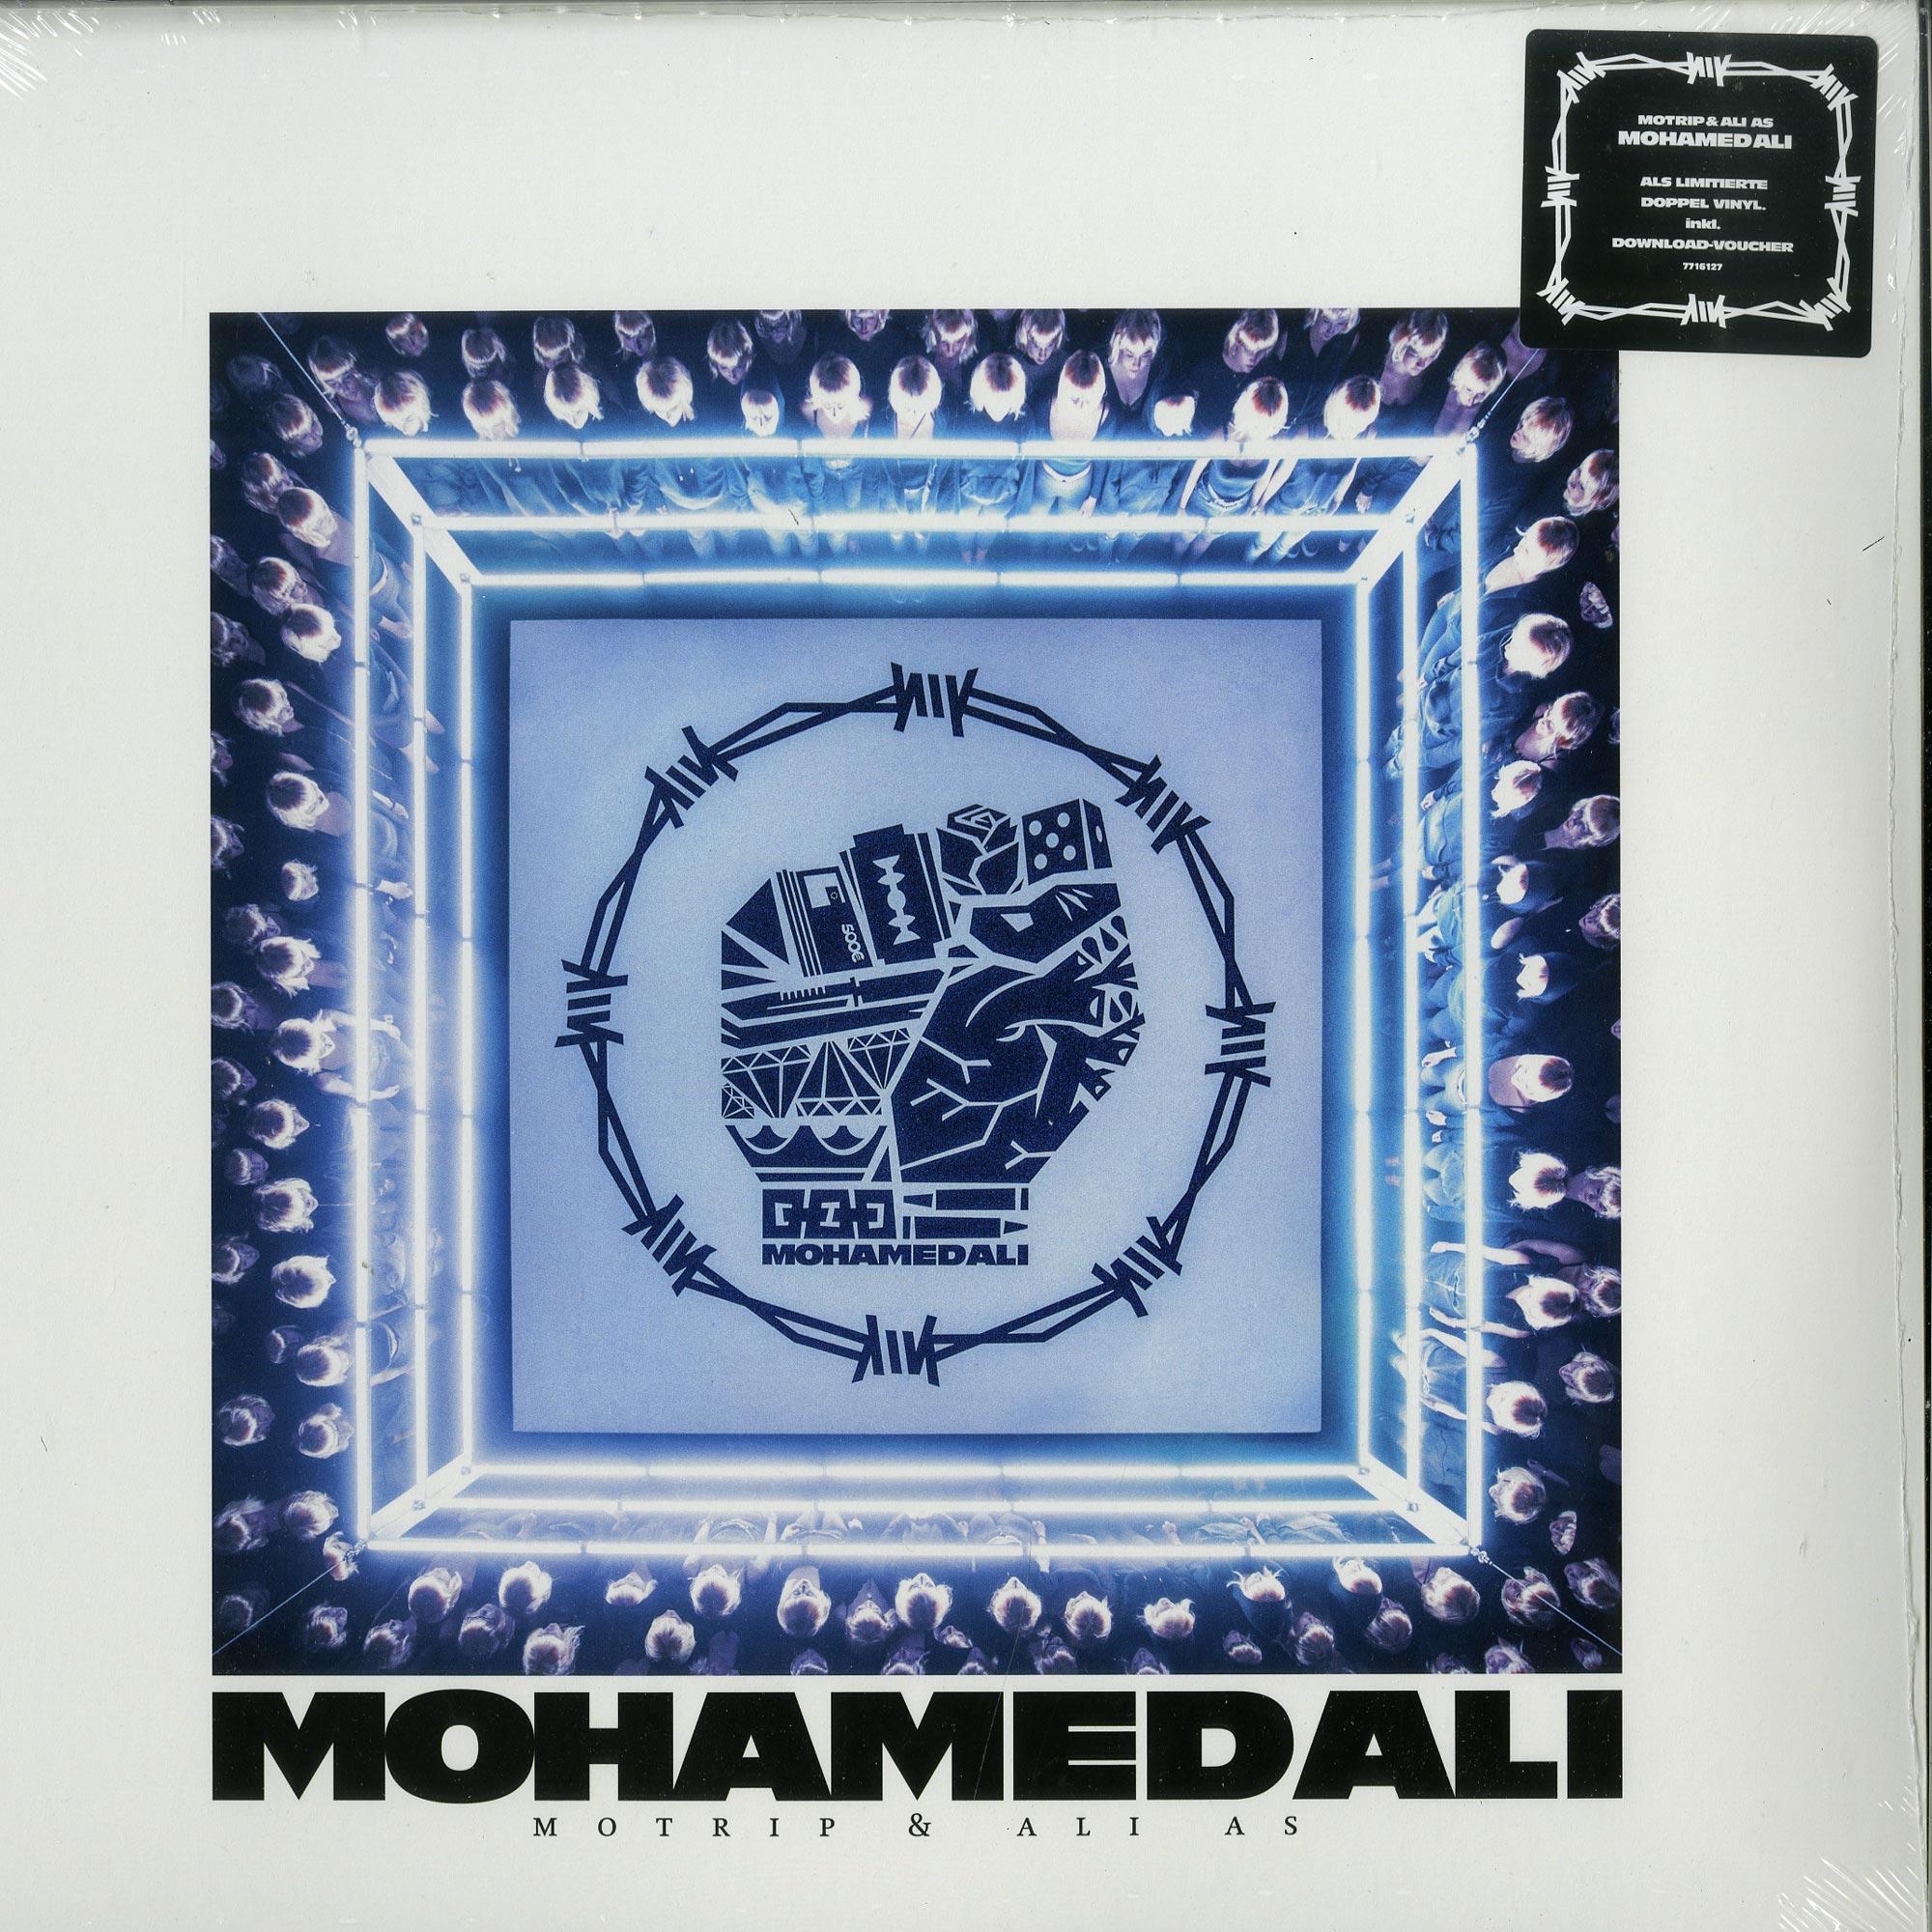 Motrip & Ali As - MOHAMED ALI